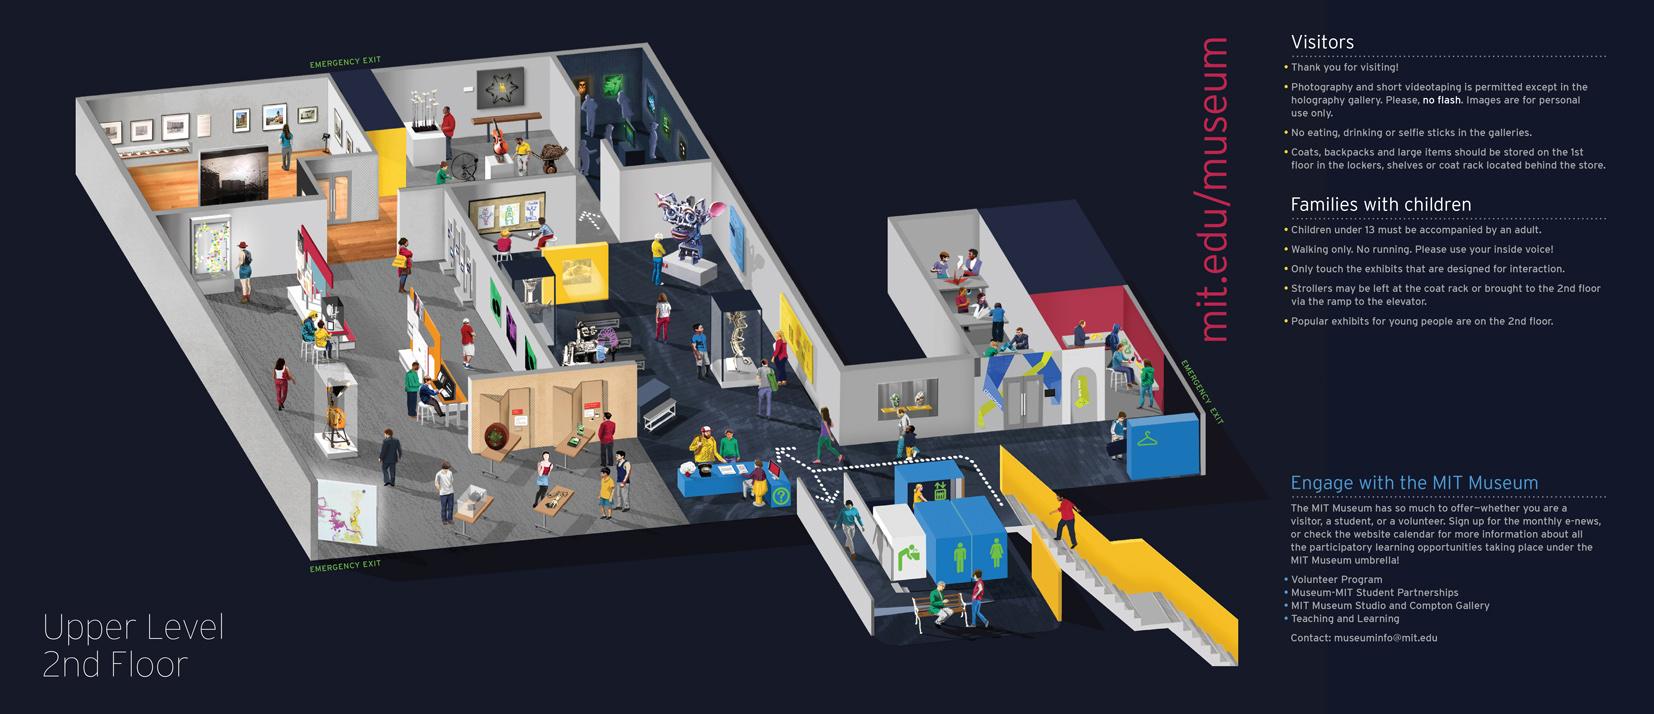 2nd Floor / MIT Museum Map